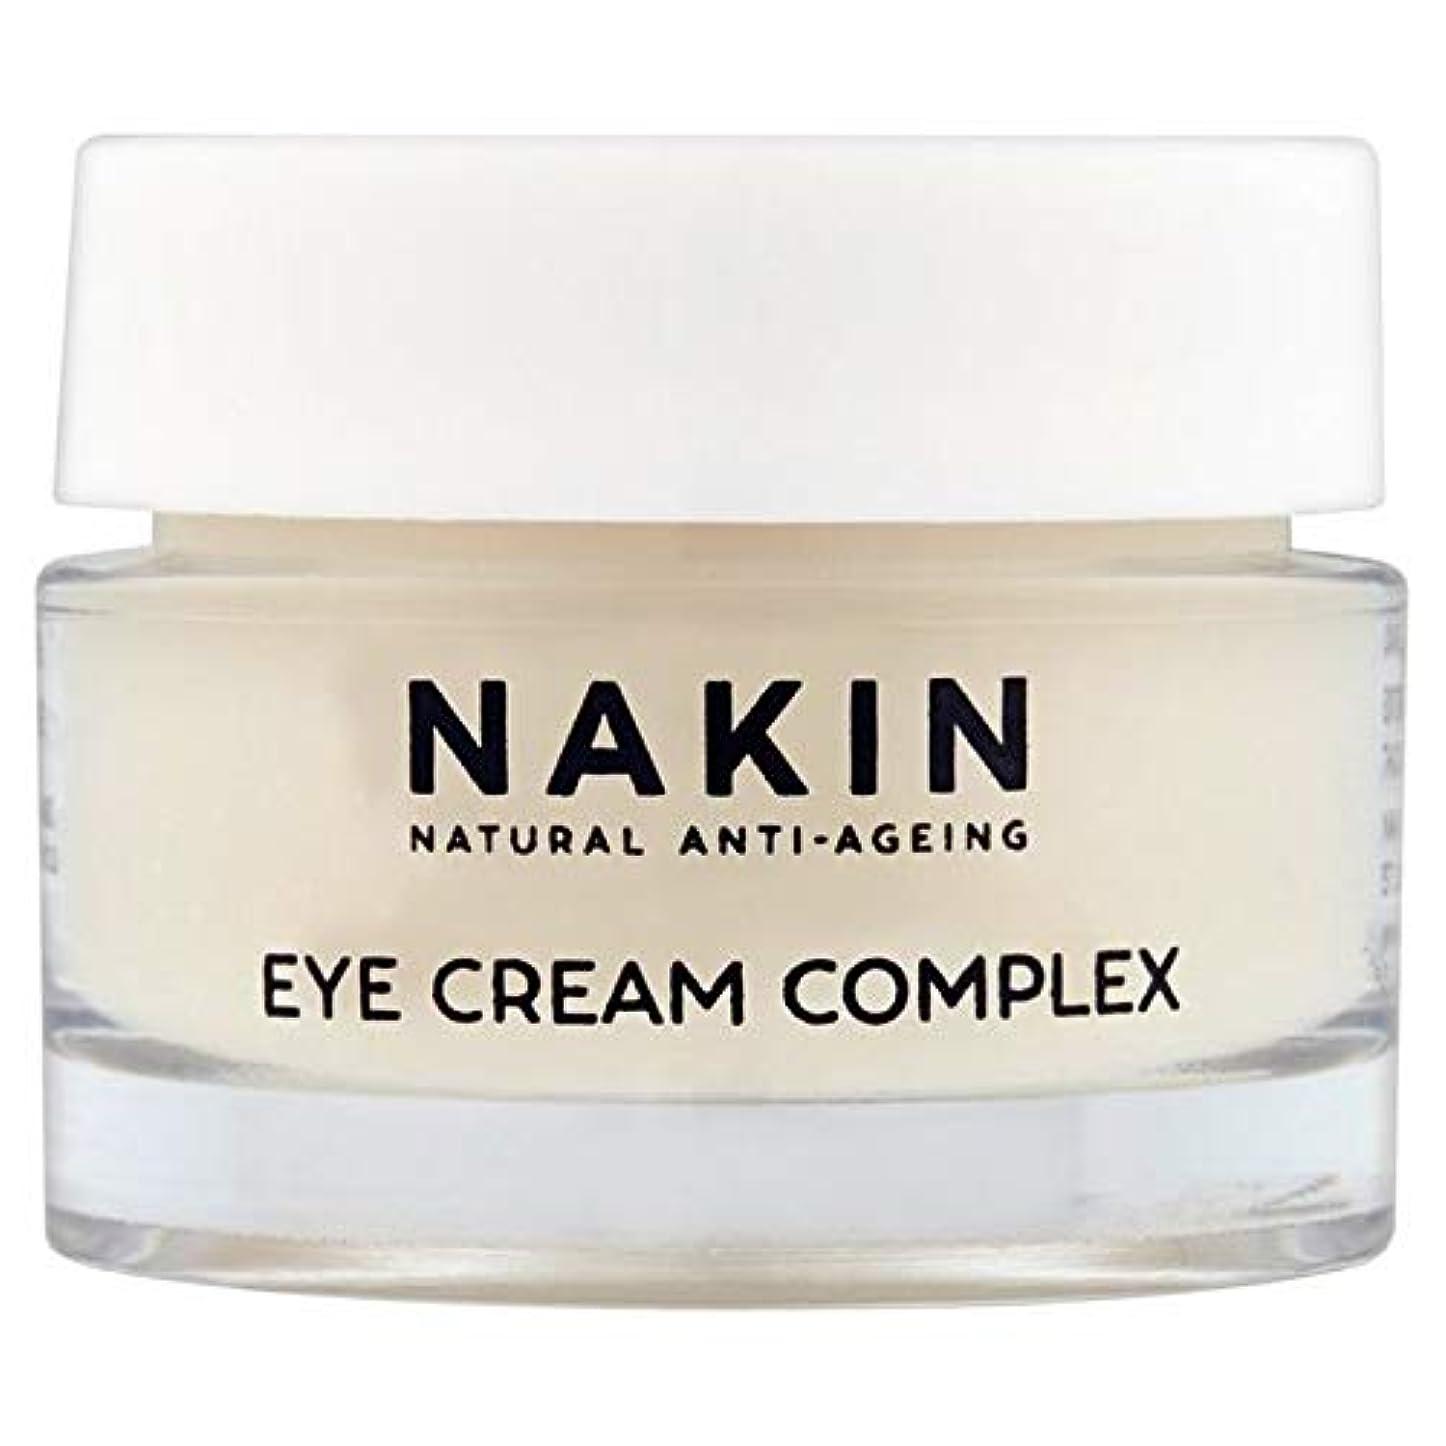 エジプト人まもなく冒険家[Nakin] Nakin自然アンチエイジングアイクリームコンプレックス15ミリリットル - Nakin Natural Anti-Ageing Eye Cream Complex 15ml [並行輸入品]